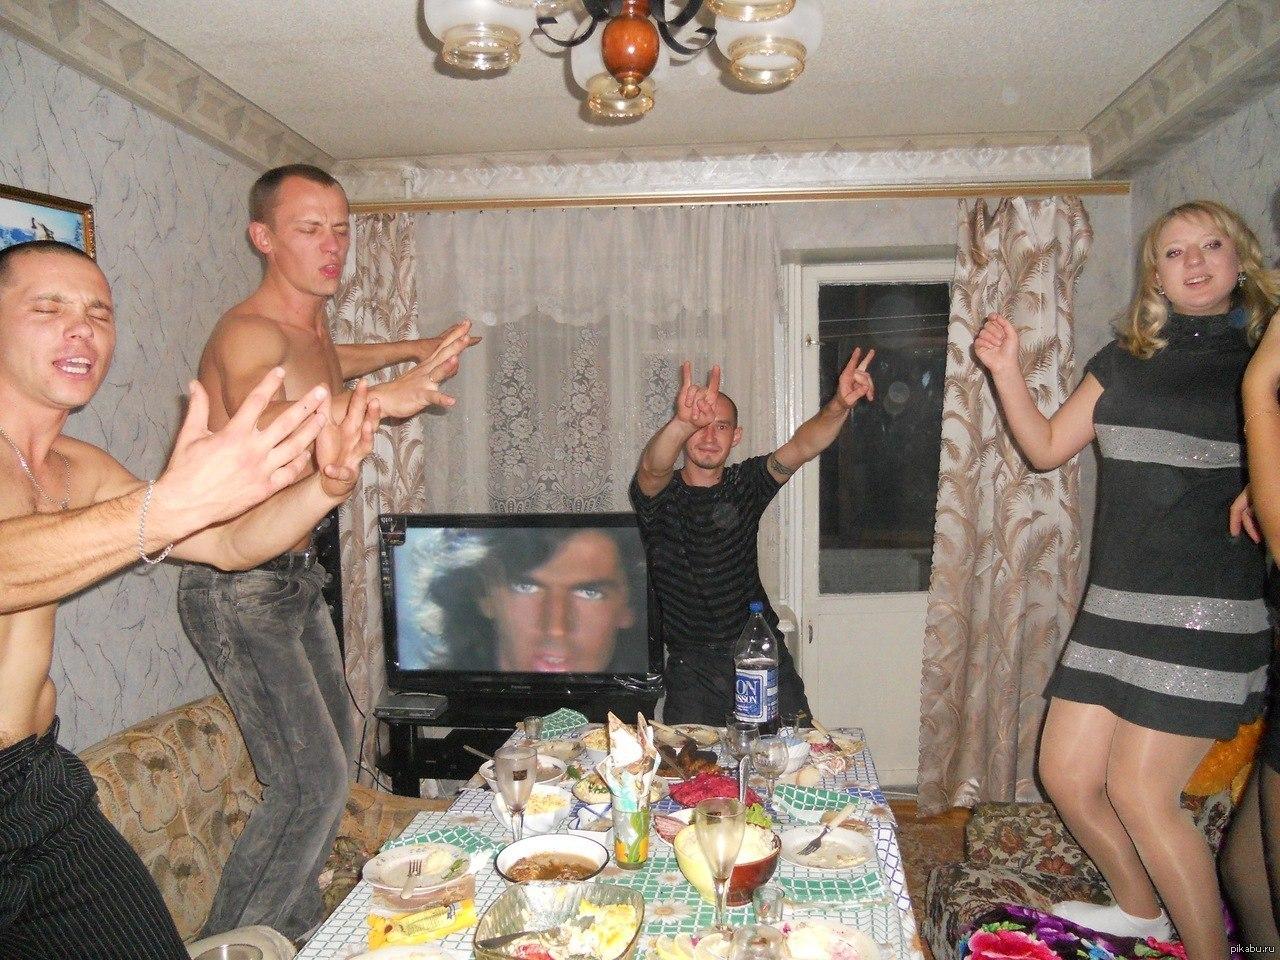 русская бухая вечеринка где то на даче ценят женщины сексуальных